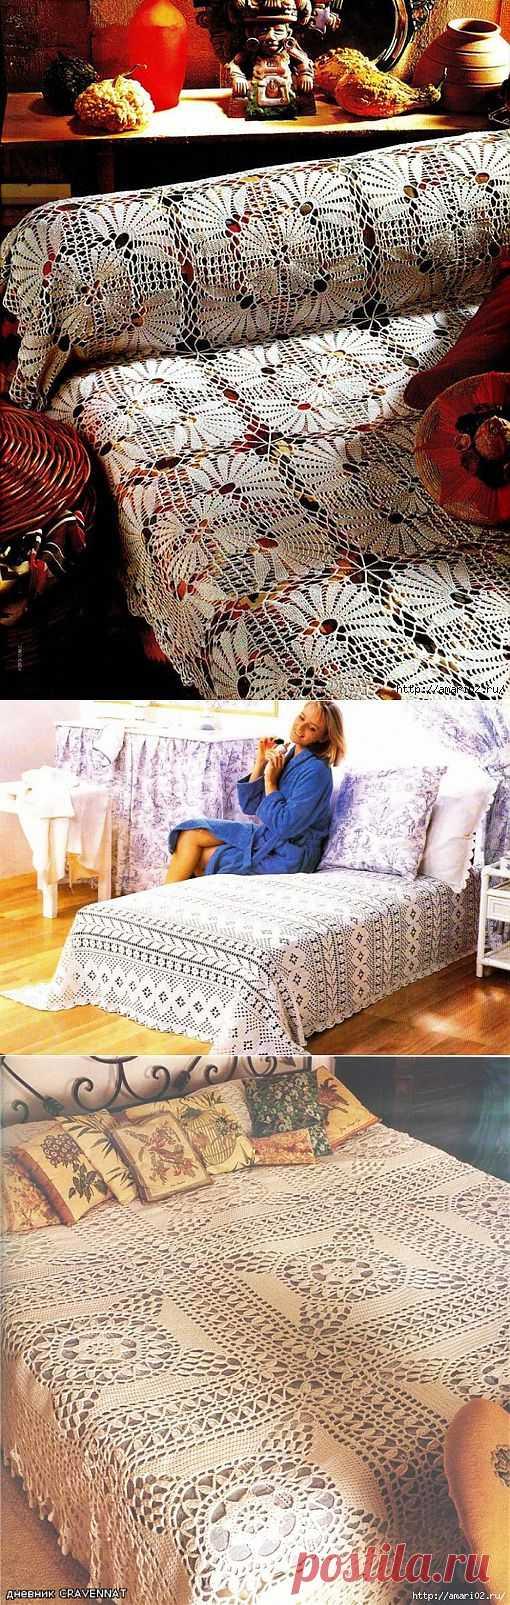 Красивые пледы на диван..